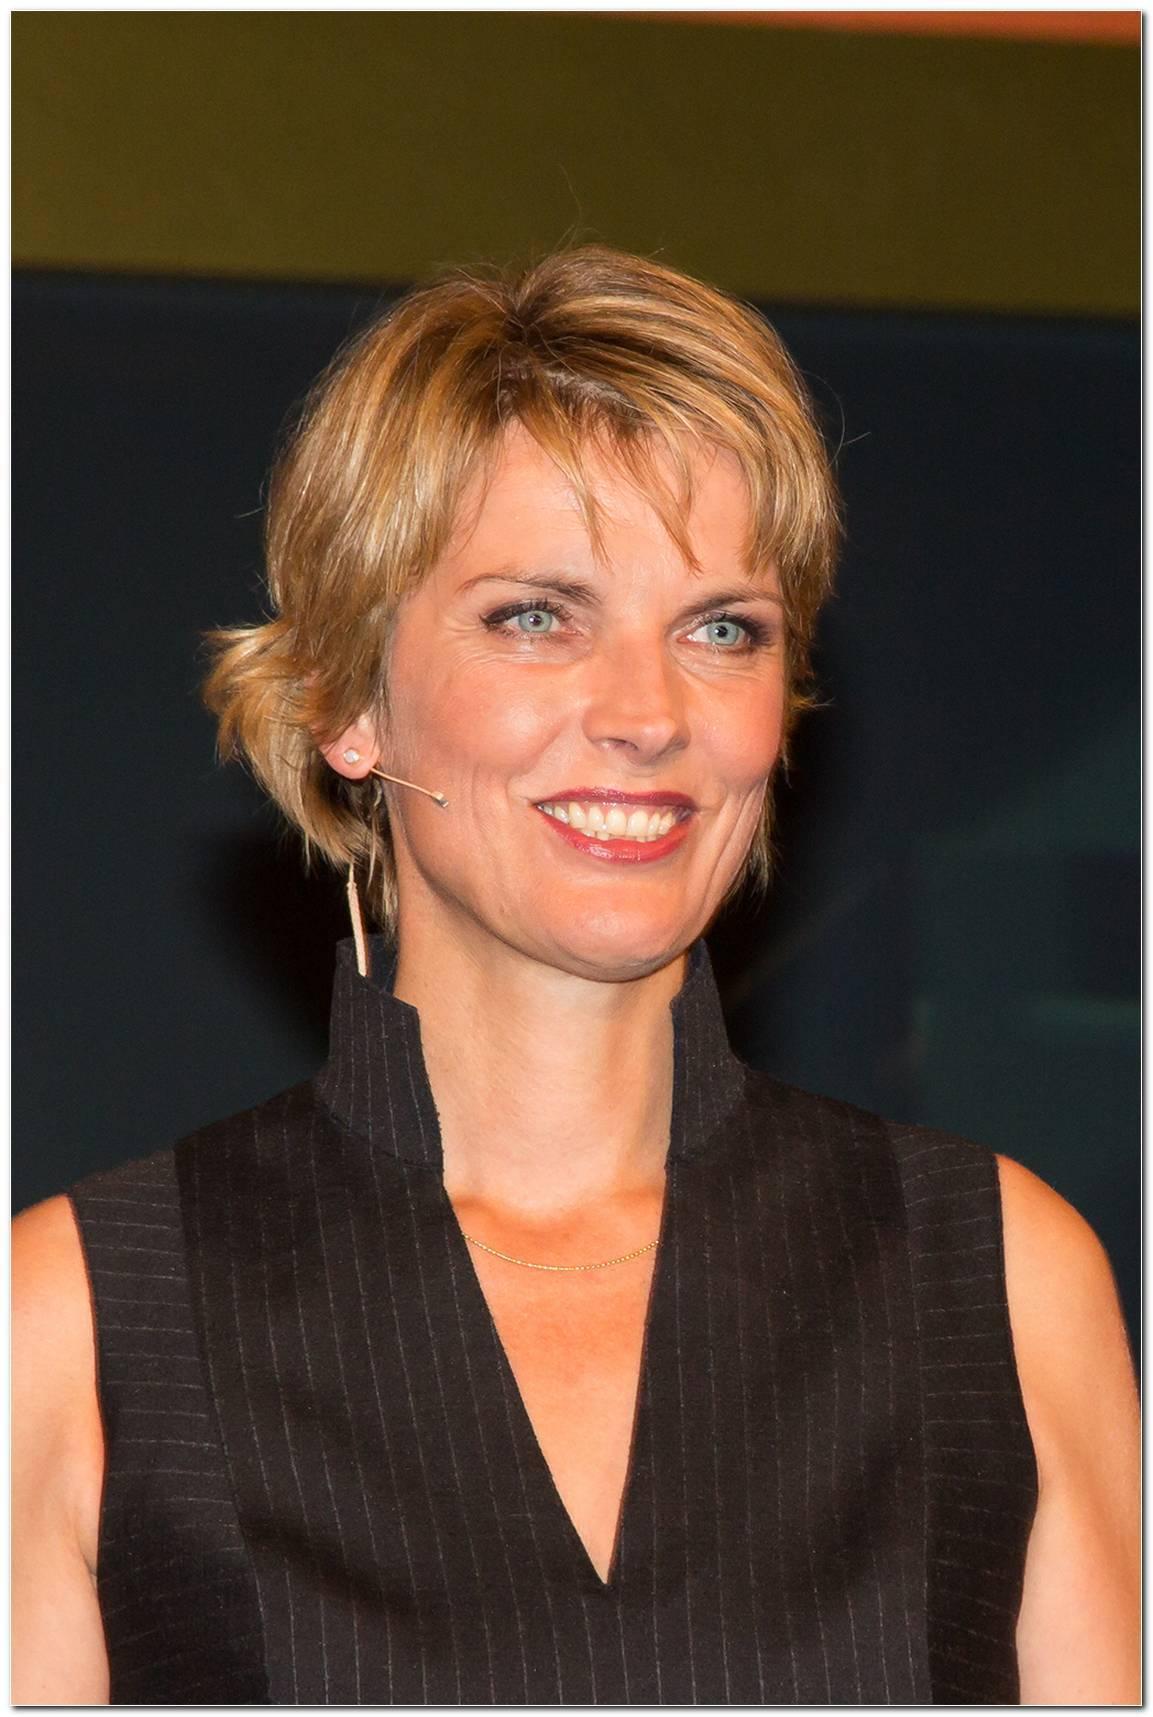 Marietta Slomka Frisur